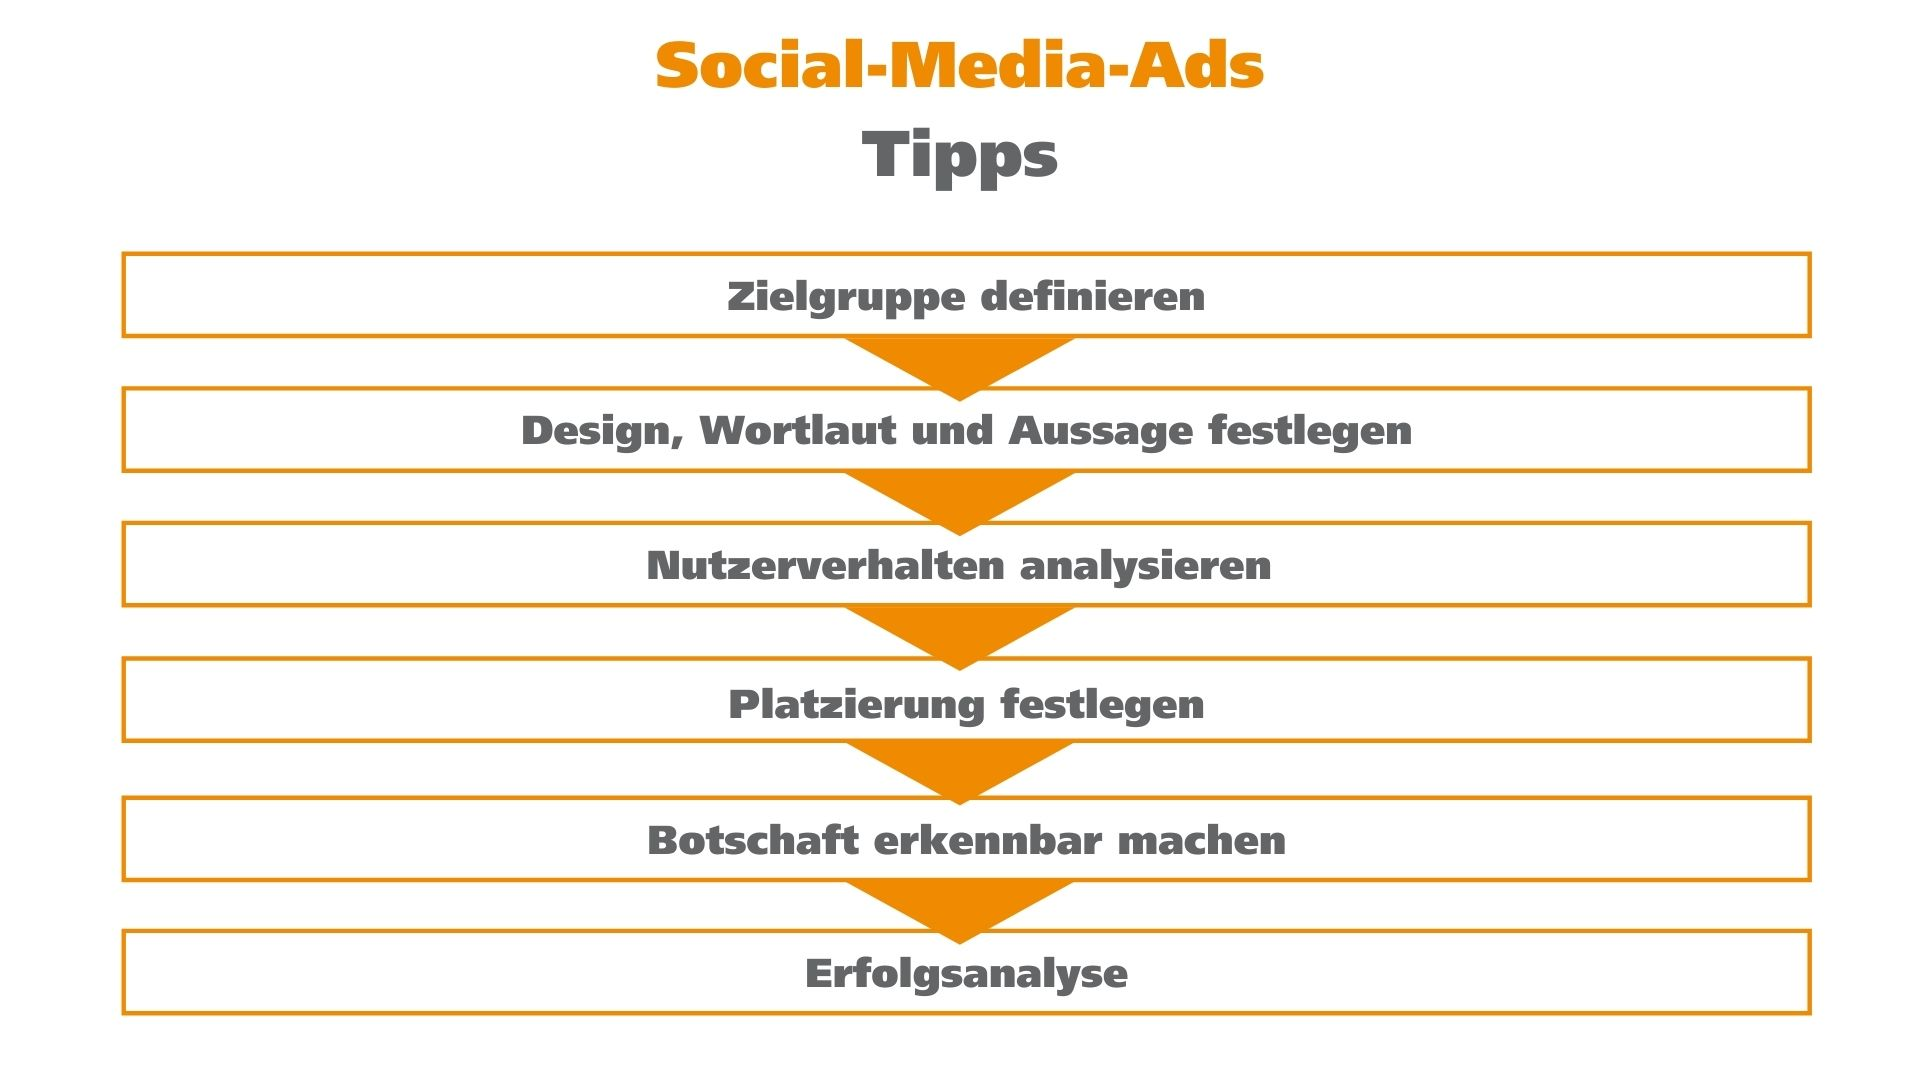 Social-Media-Ads Tipps